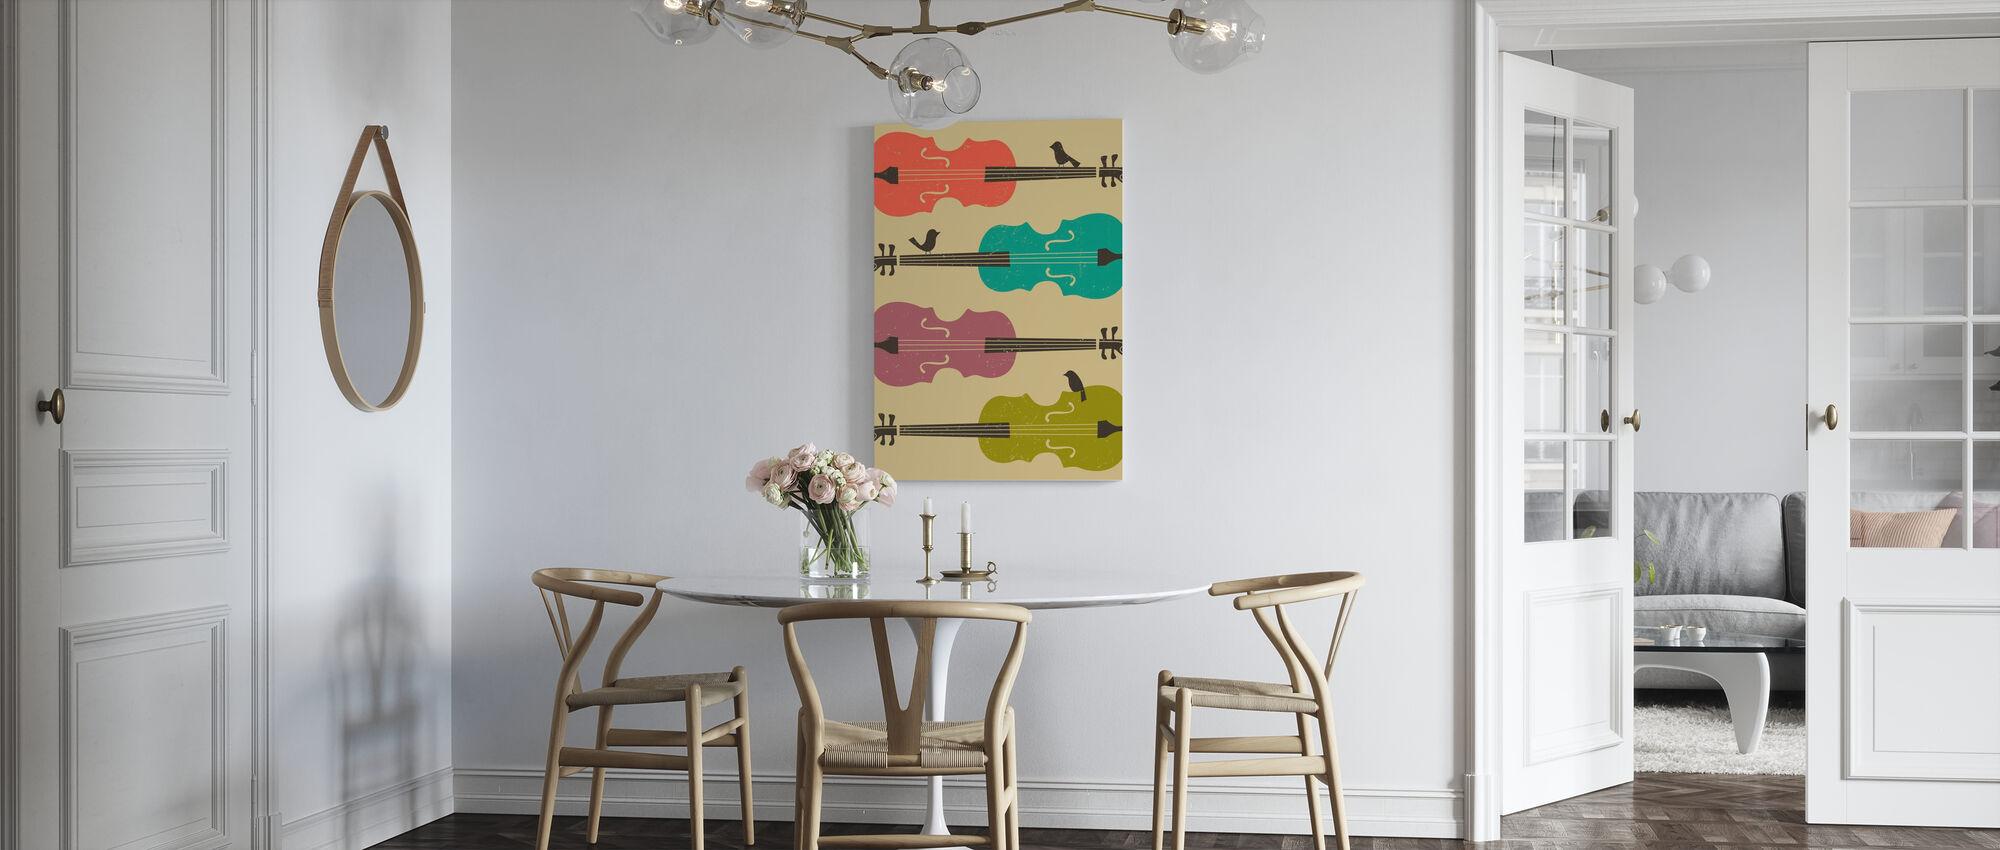 Vogels op een cello snaar - Canvas print - Keuken